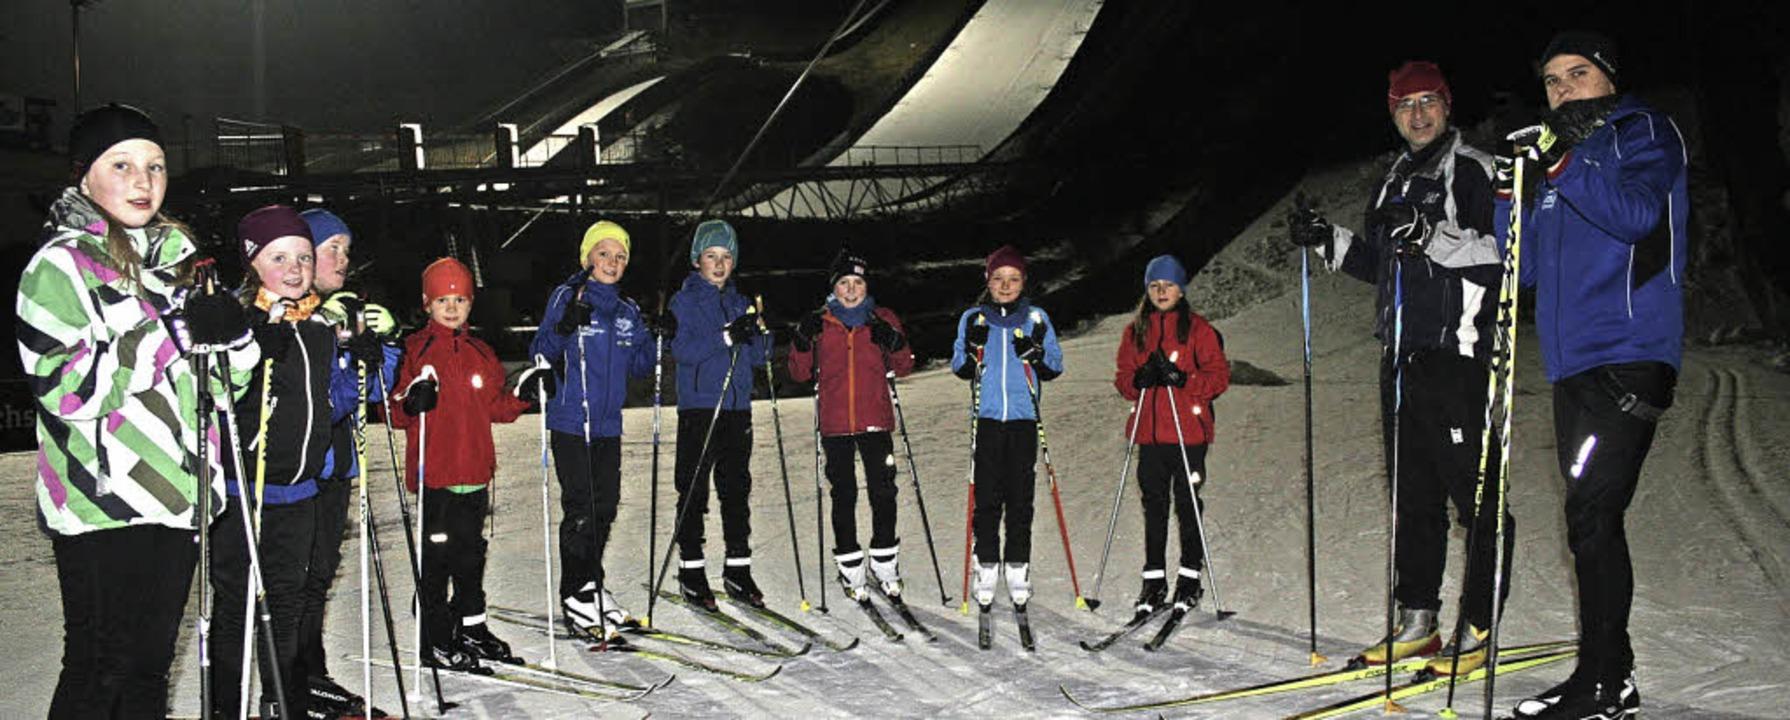 Der Nachwuchs des Skiclubs Hinterzarte...e Loipe aus Kunstschnee zum Training.     Foto: DIETER MAURER